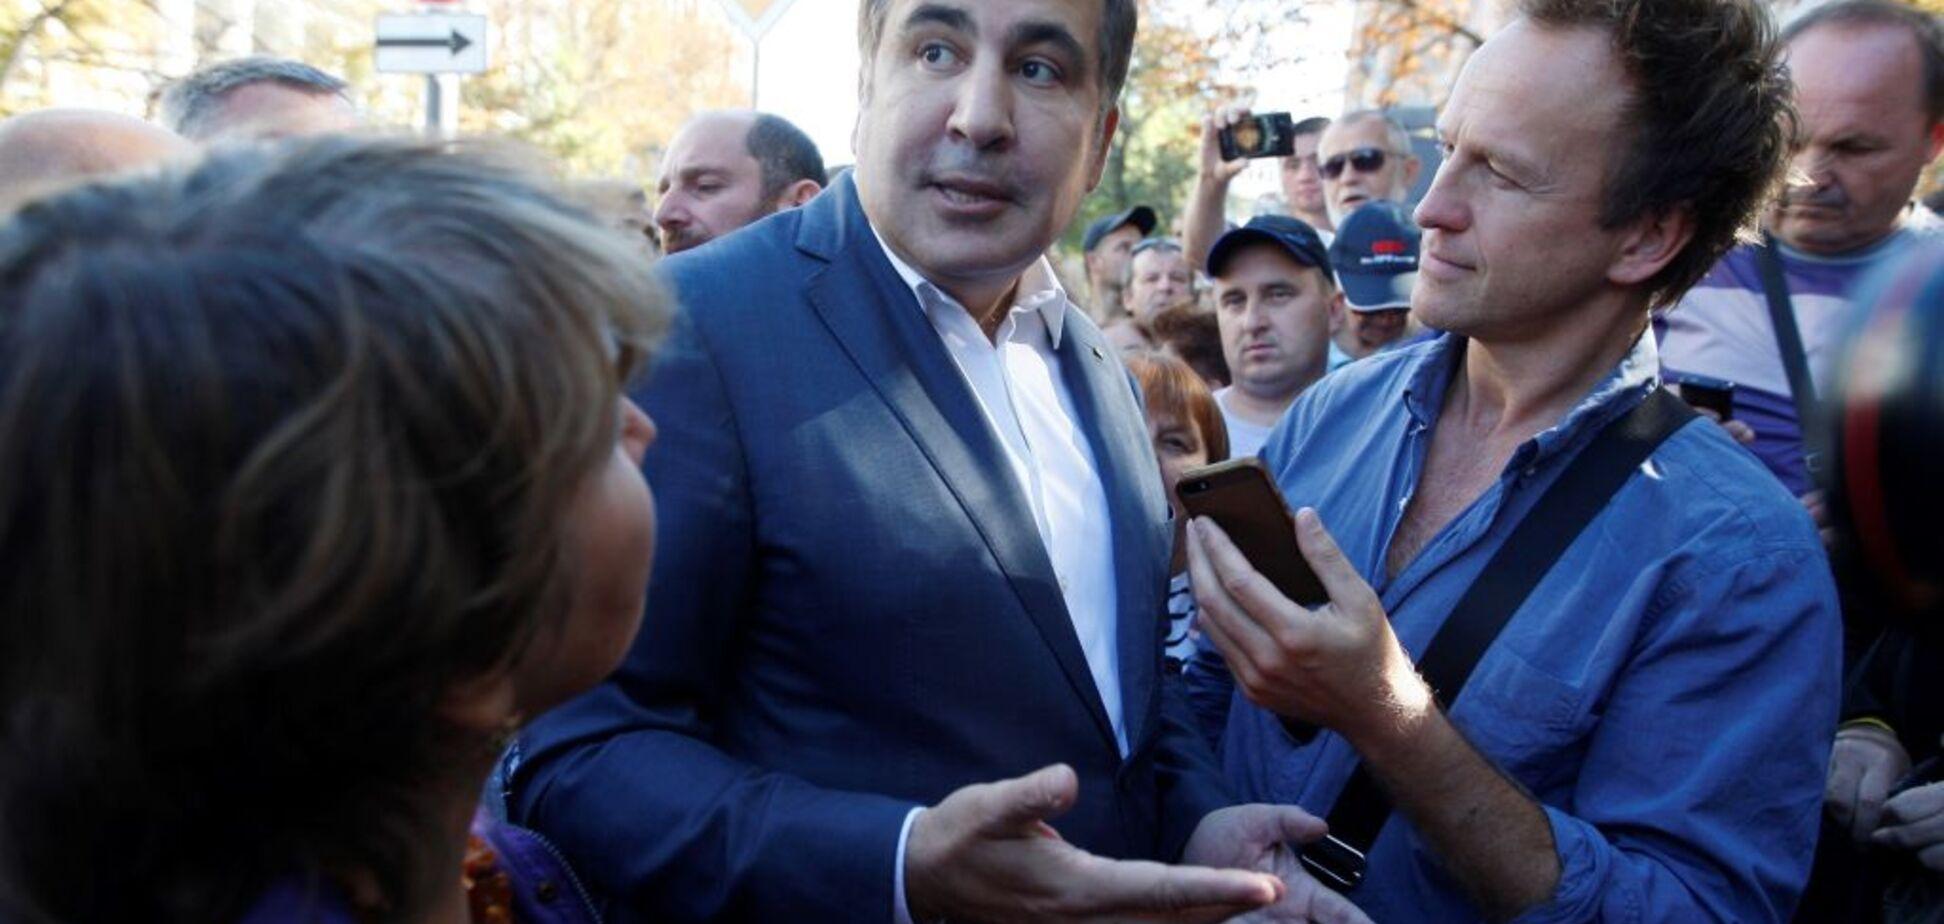 Протокол вручен: Луценко пояснил, что грозит Саакашвили за его 'прорыв'